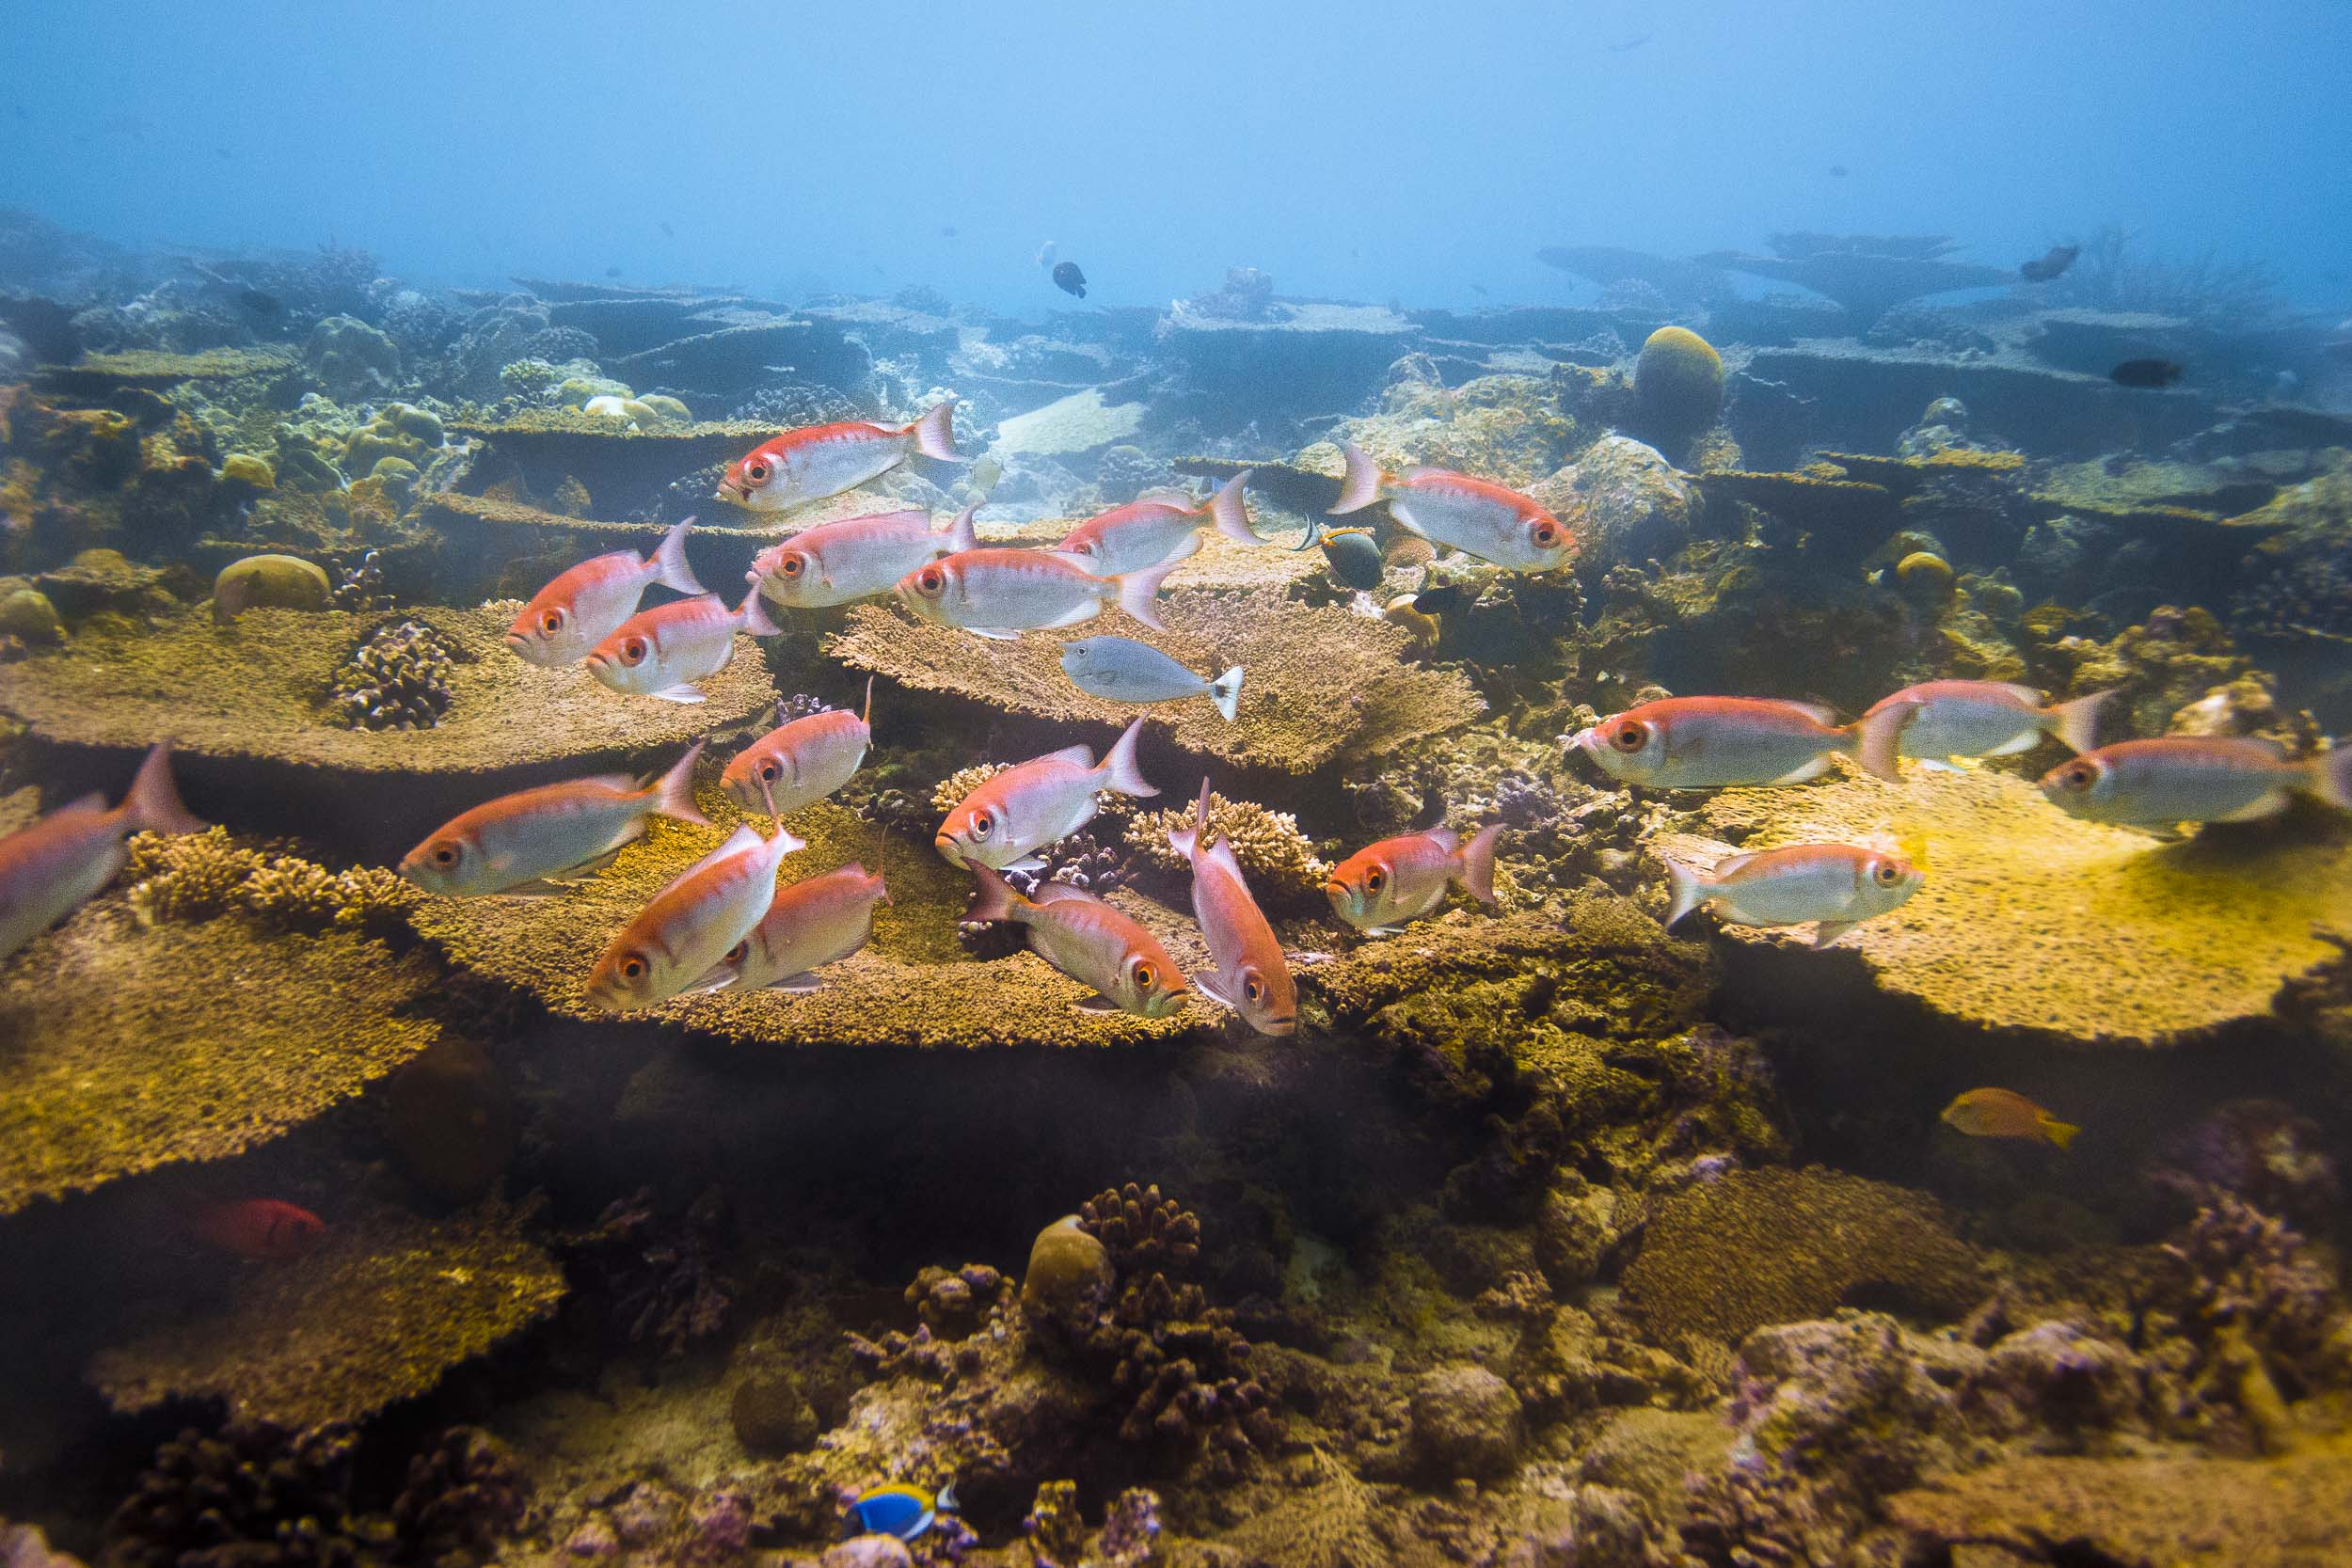 maldives-underwater-reef-fish-marine-4.jpg